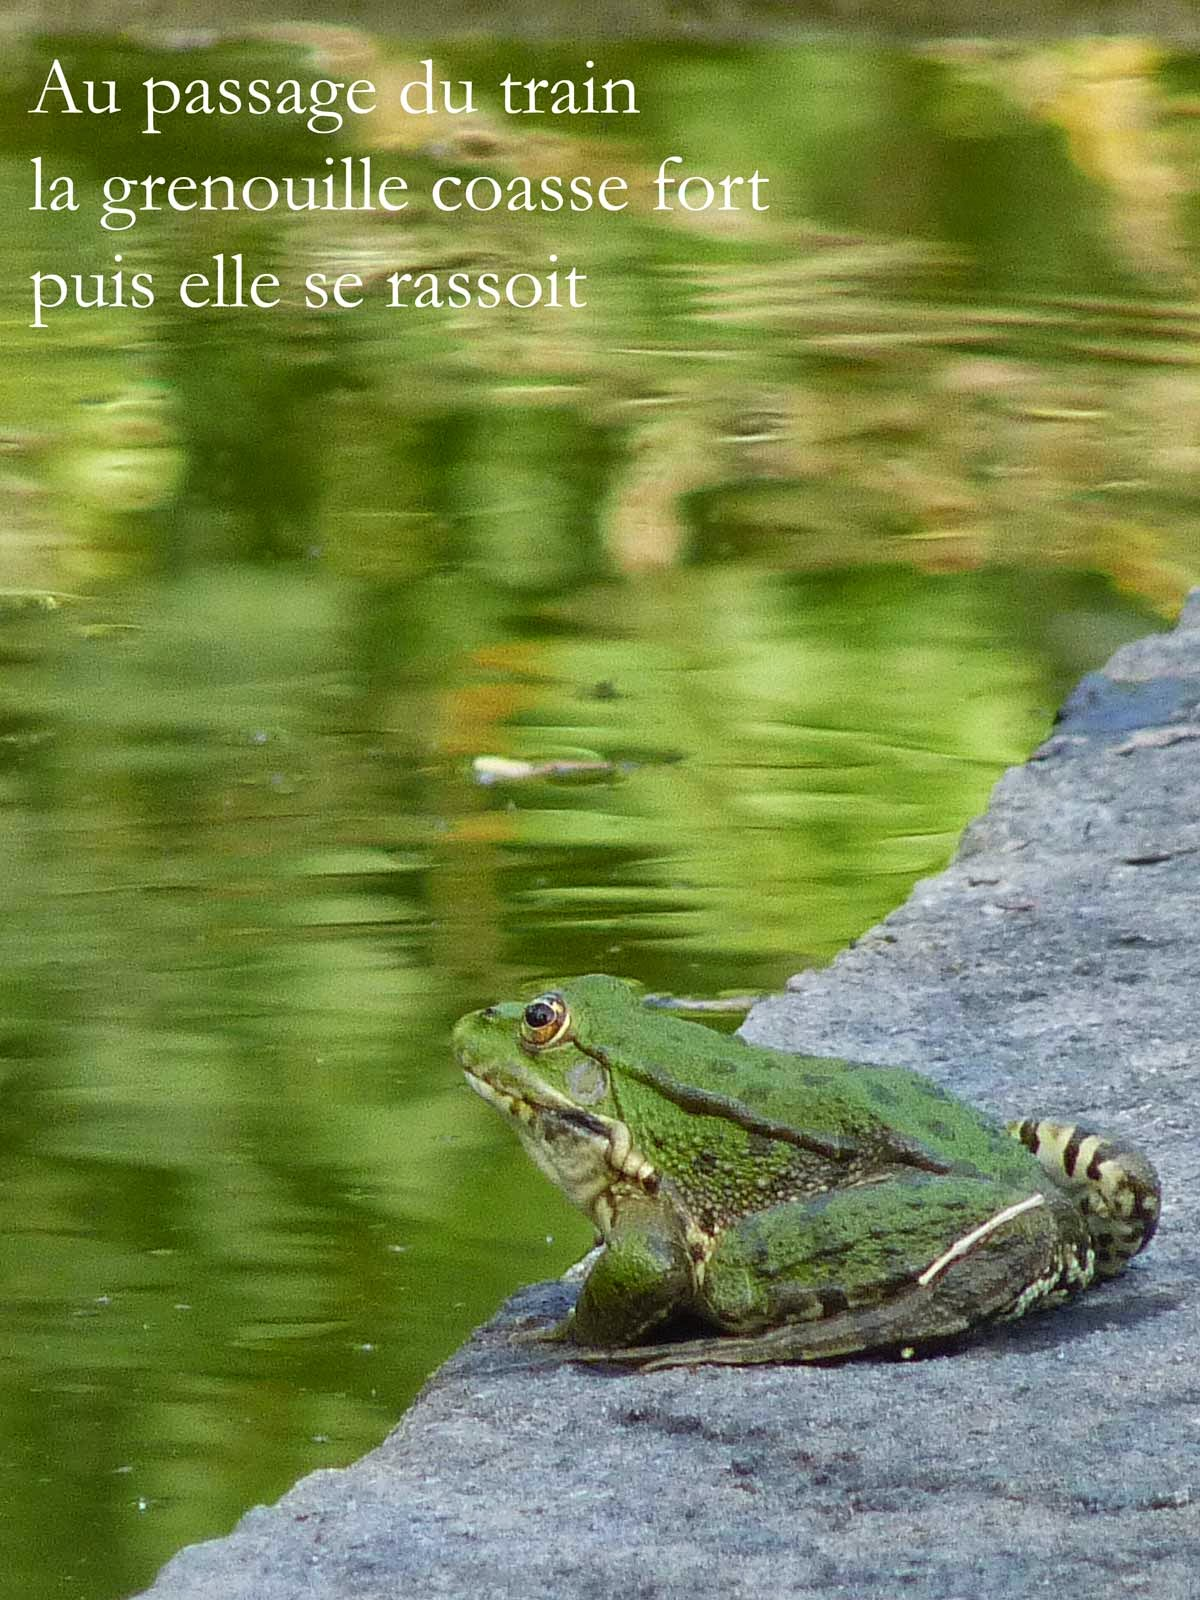 Plages de Silence, haïku etc.: Quelques grenouilles et haïku